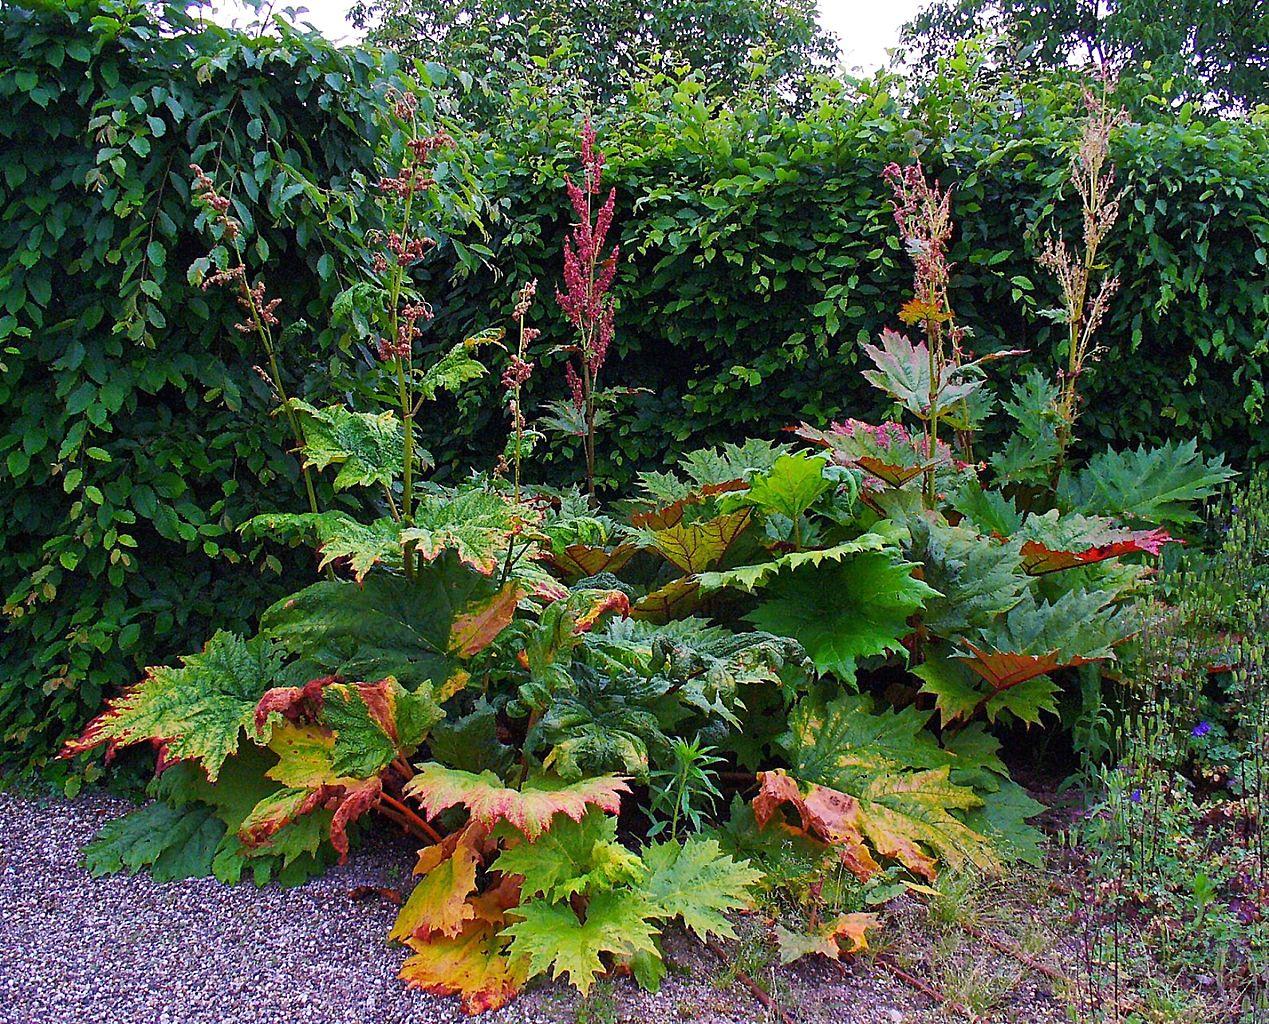 Jaune Décoration Rhubarbe-Rheum palmatum